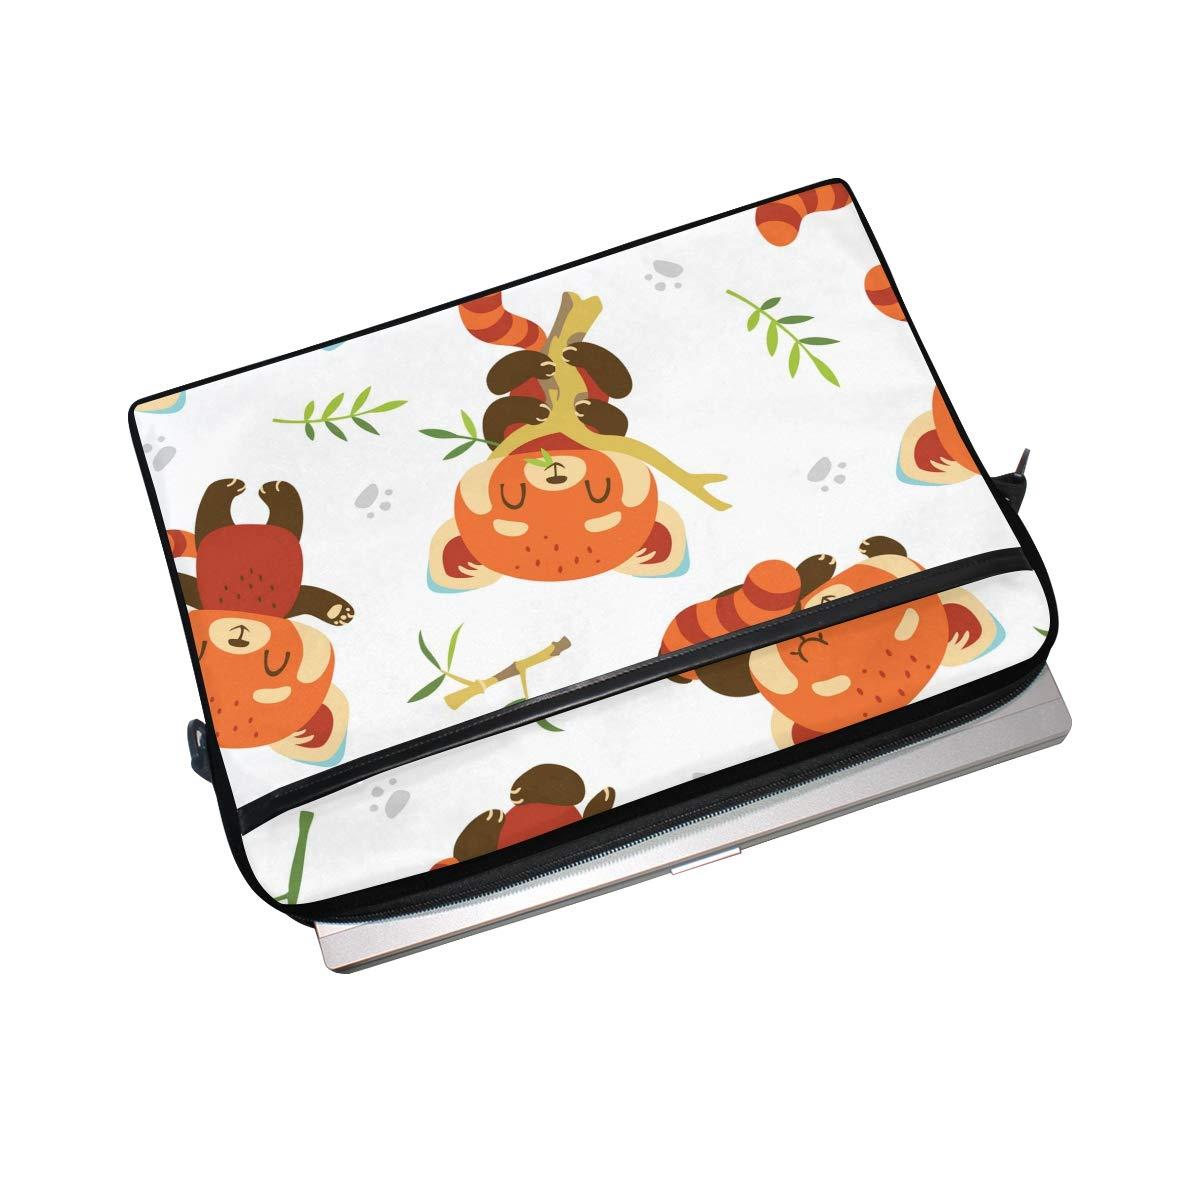 IMOBABY かわいいクマの食べるバンブーラップトップバッグ キャンバスメッセンジャーショルダーバッグブリーフケース 15~15.4インチ対応   B07KP6QVW1